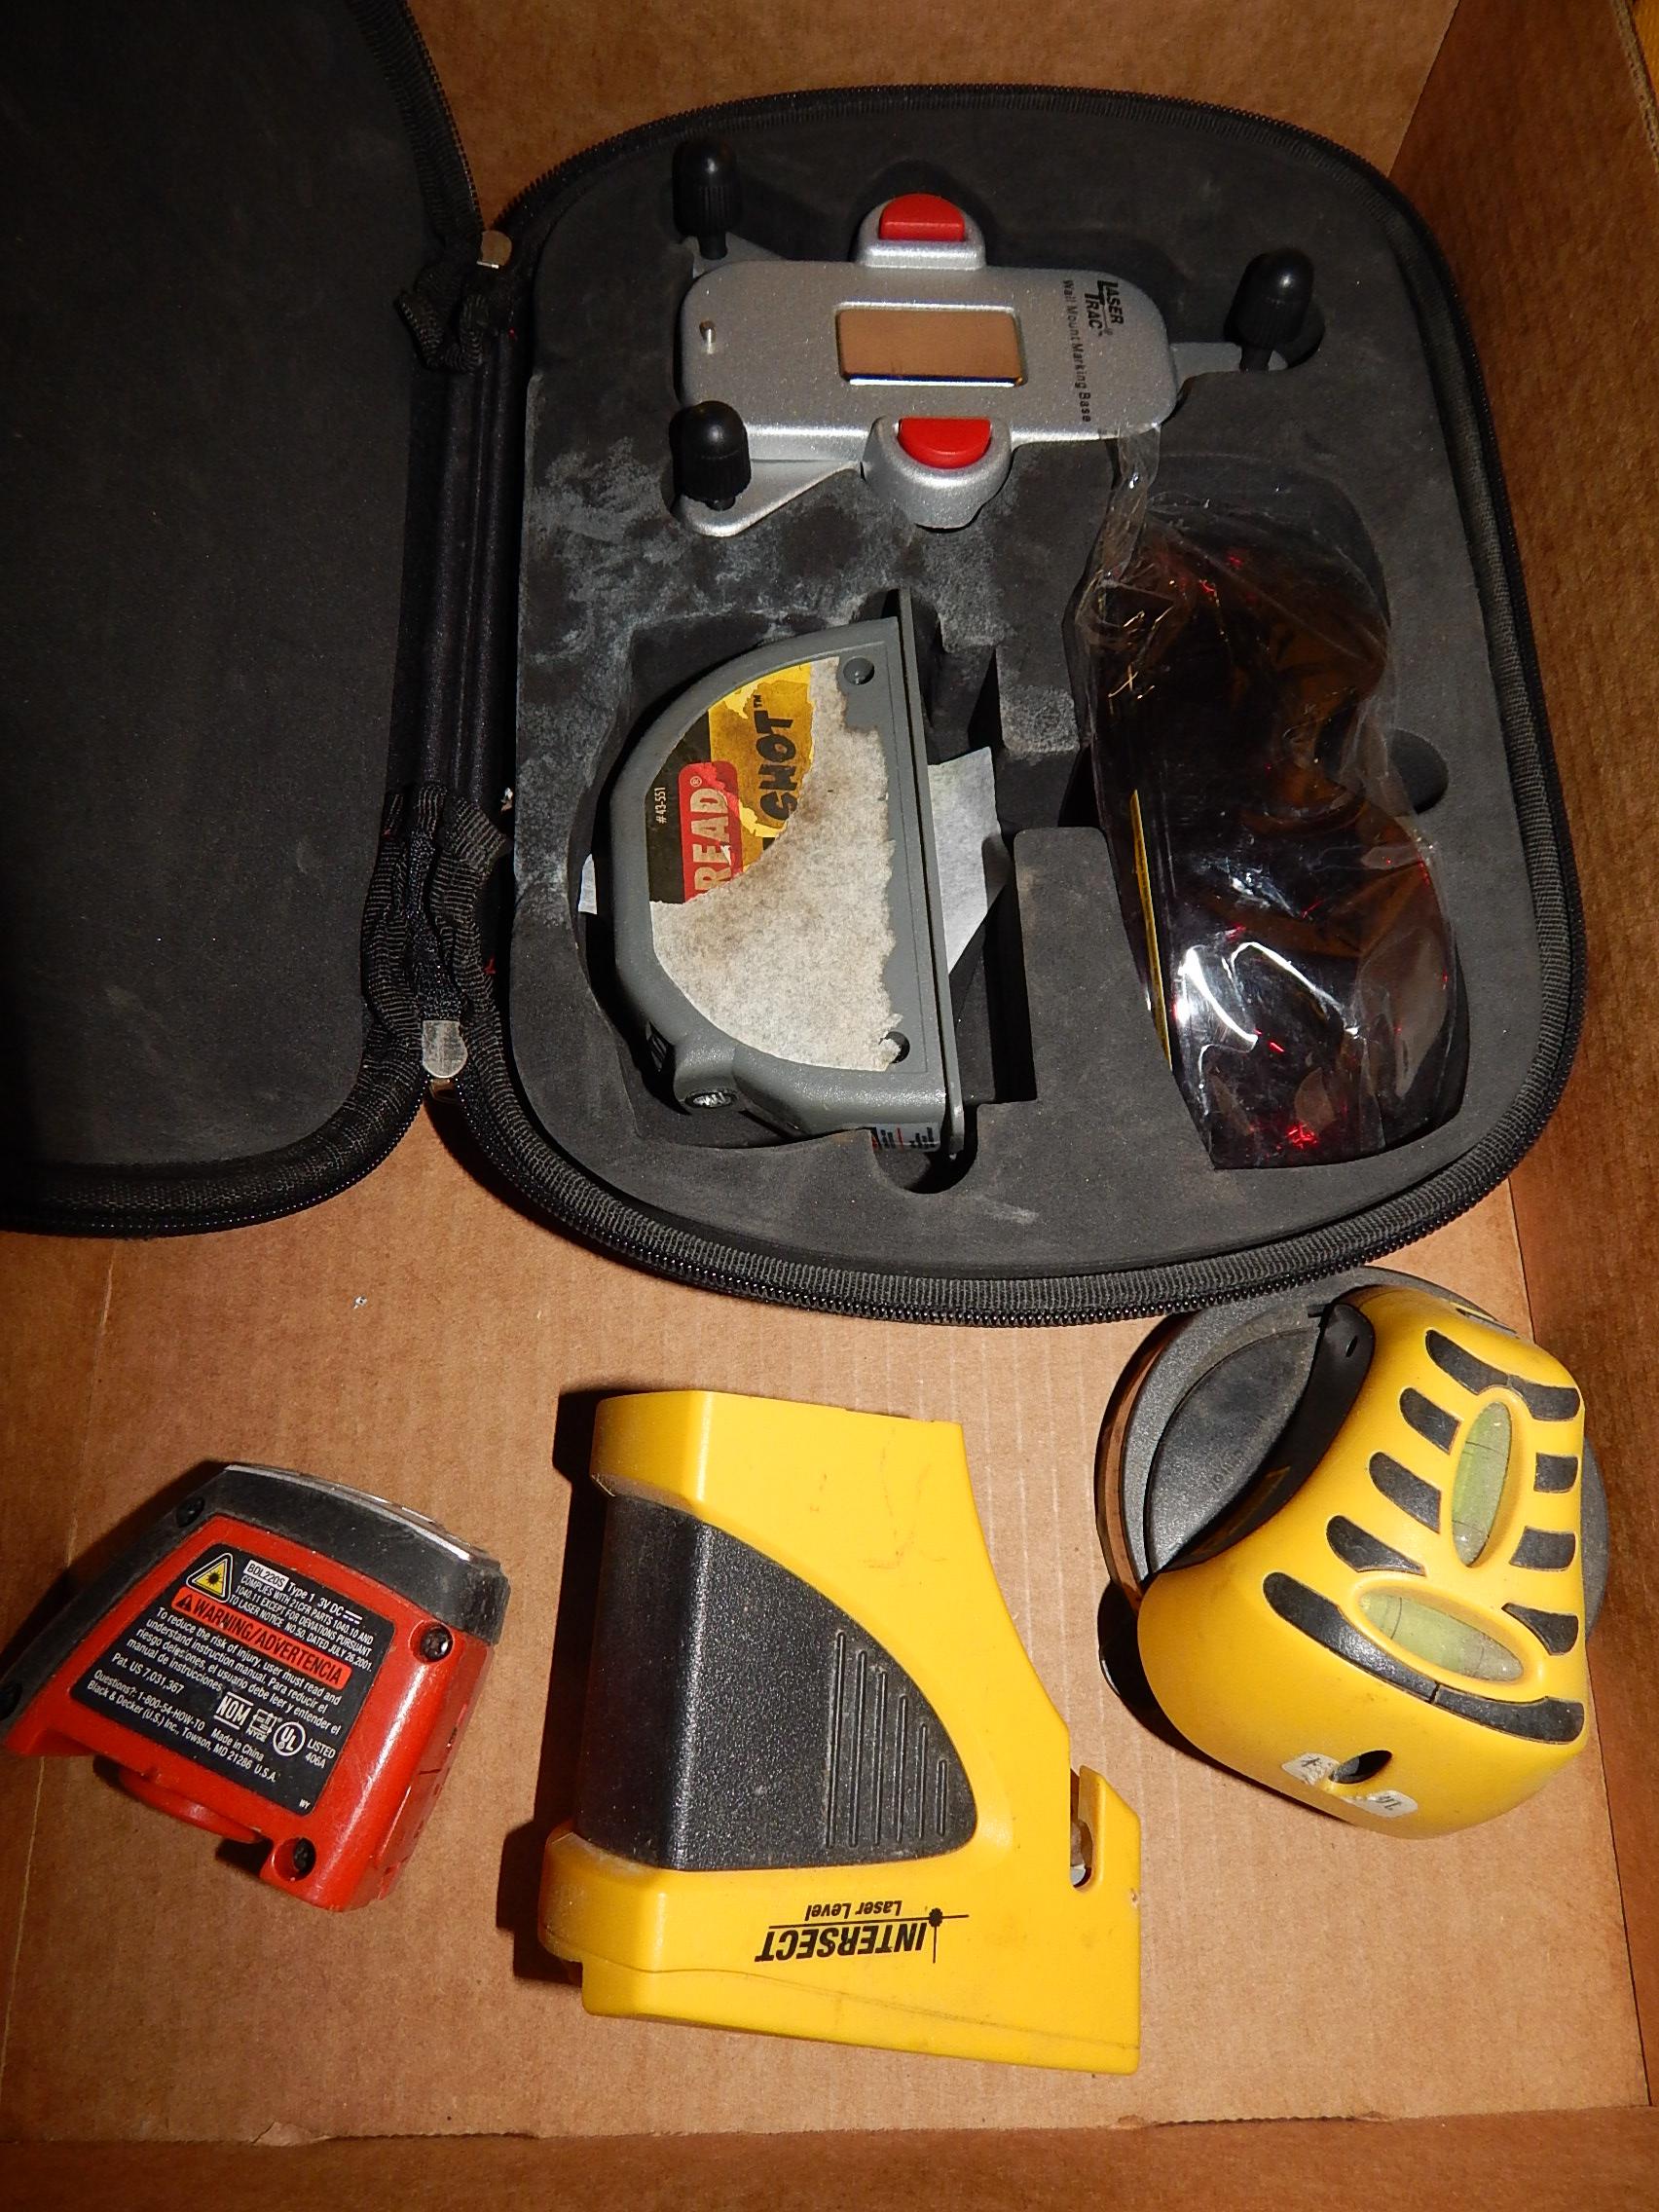 Lot 2 - Craftsman Laser Level Kit, Intersect, Strait-Line, Black and Decker Laser Levels